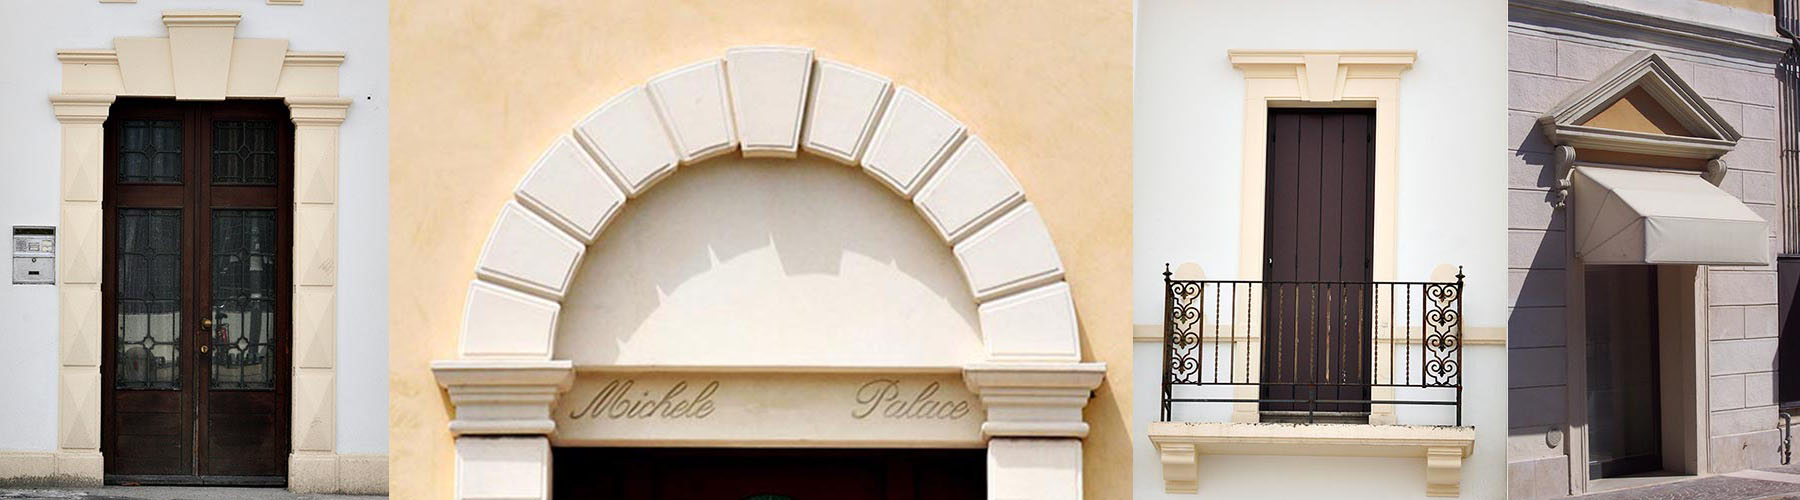 Cornici per porte esterne, portoni ingresso e archi per portali